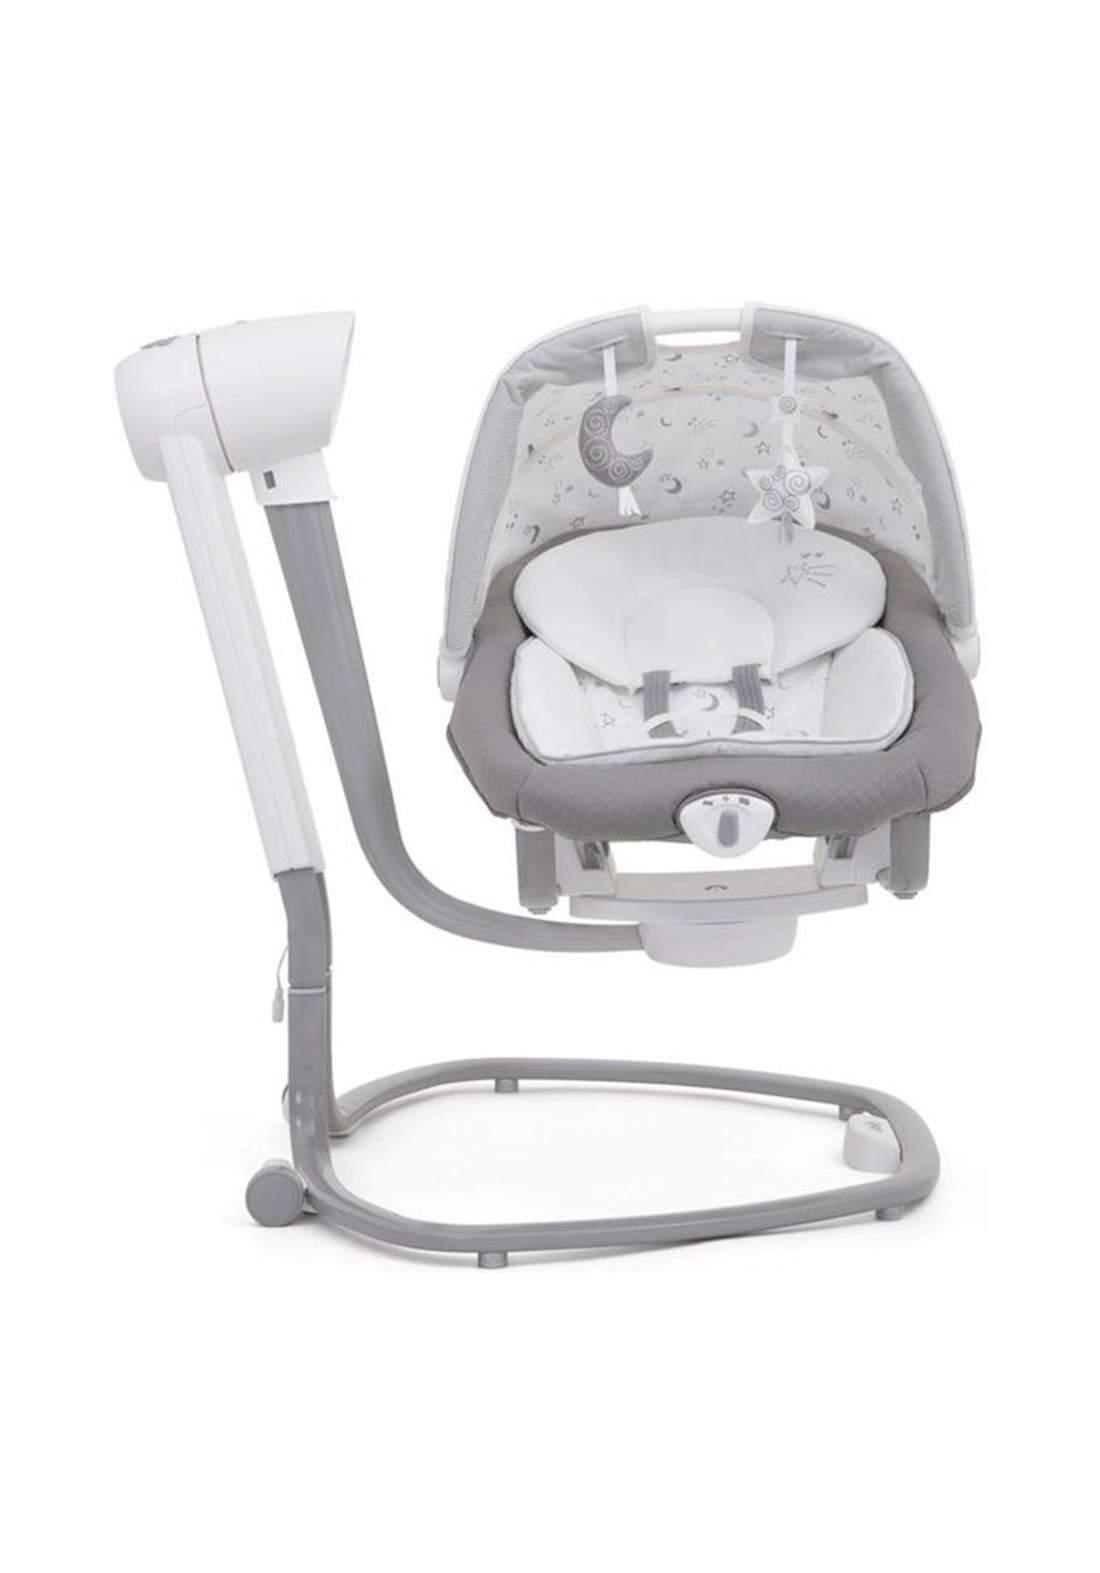 كرسي هزاز للاطفال لحديثي الولادةJoie Baby W1306AESTY000 Serina 2 in 1 Swing Starry Nights